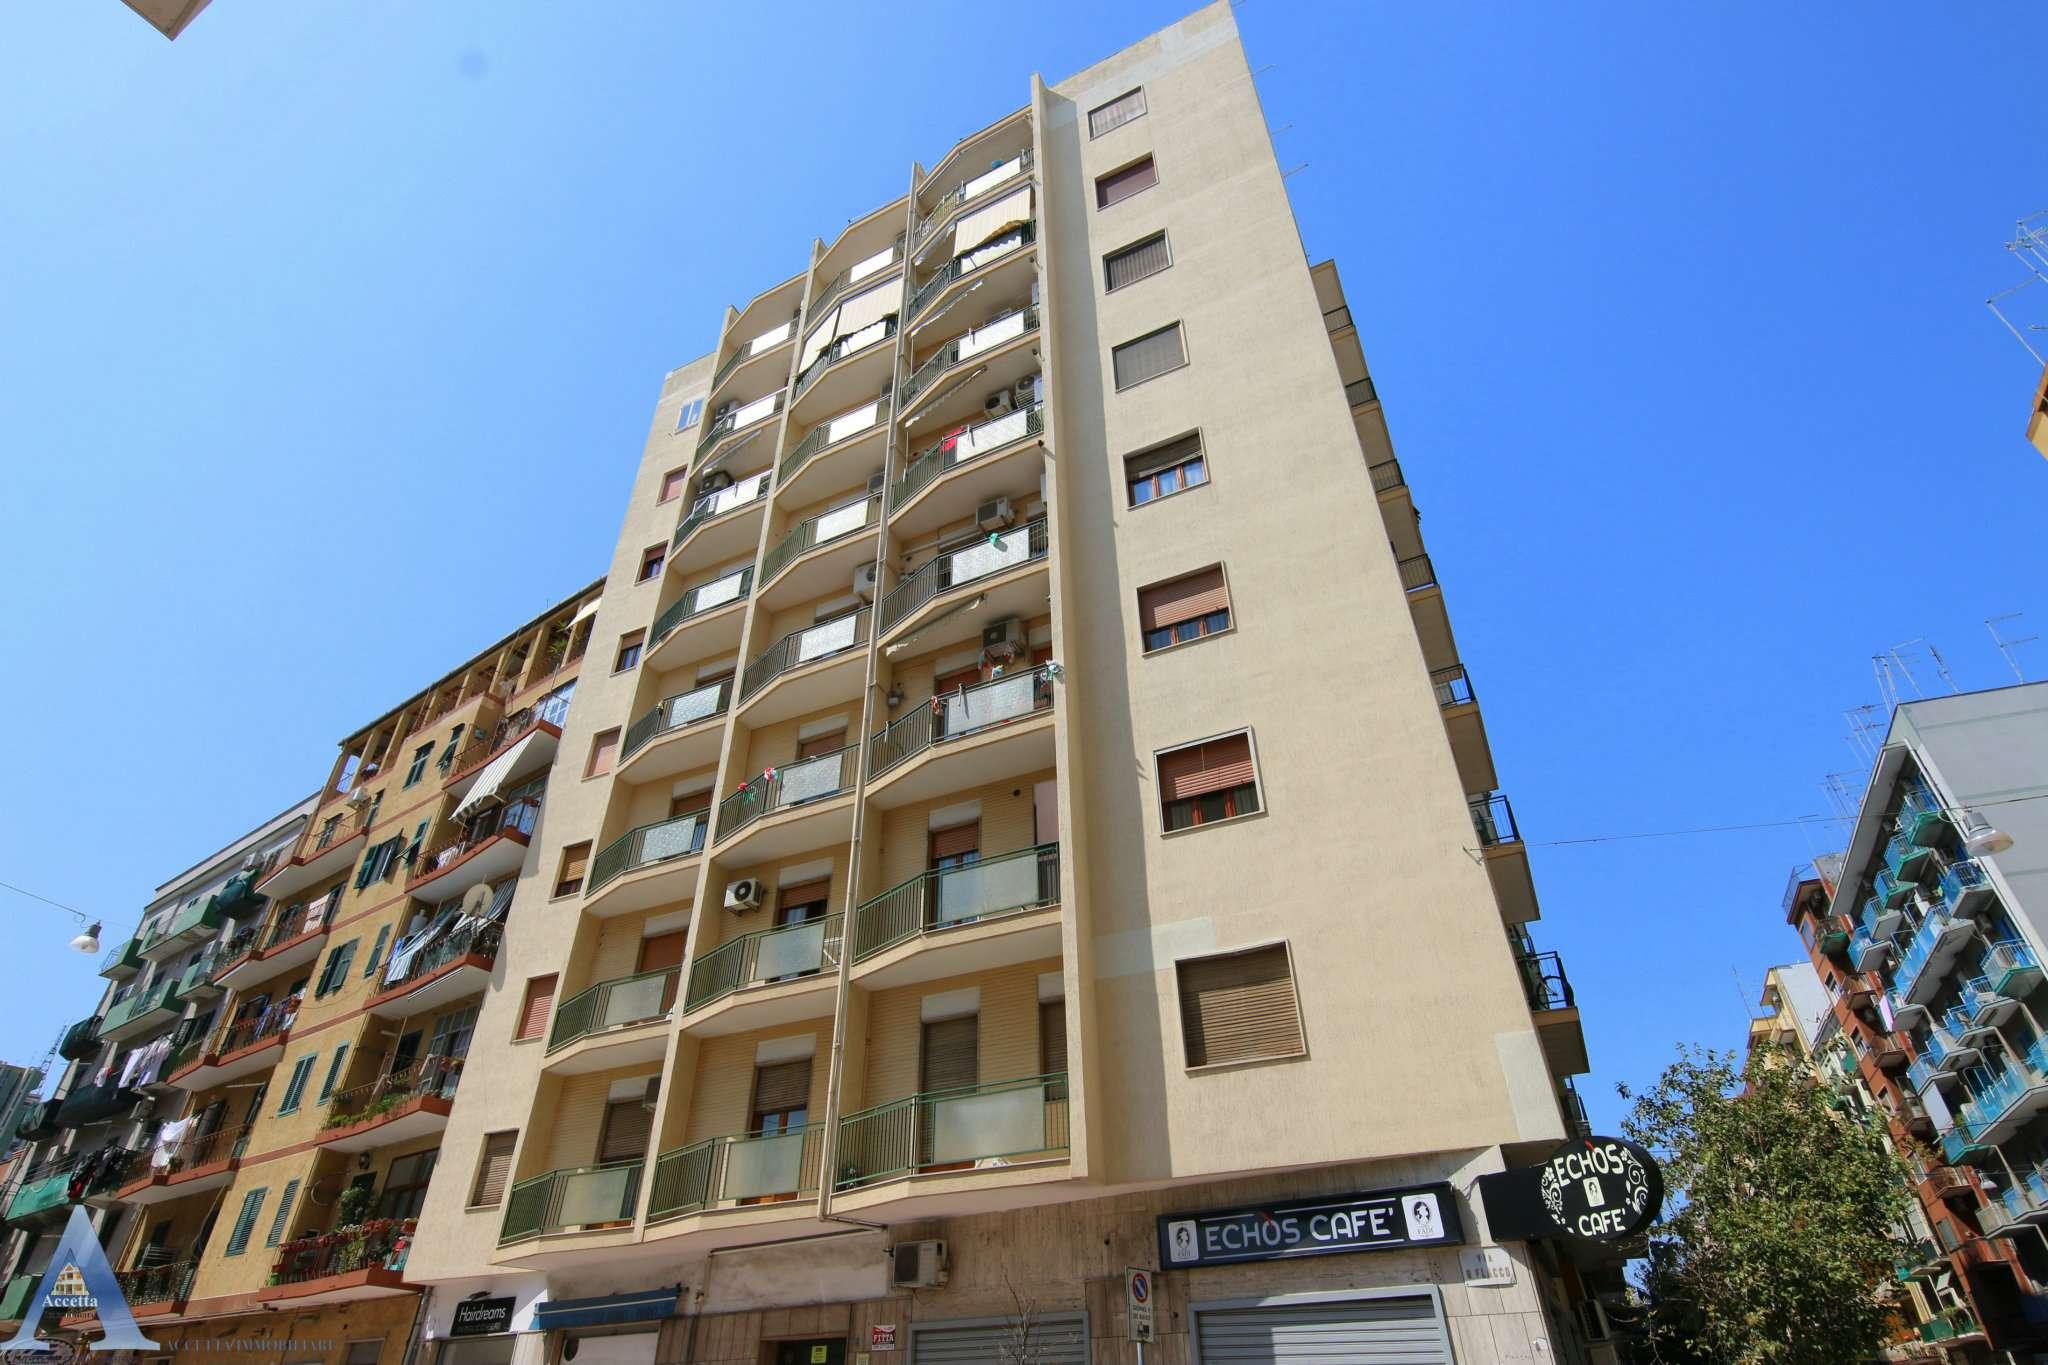 Appartamento in vendita a Taranto, 3 locali, prezzo € 114.000 | CambioCasa.it